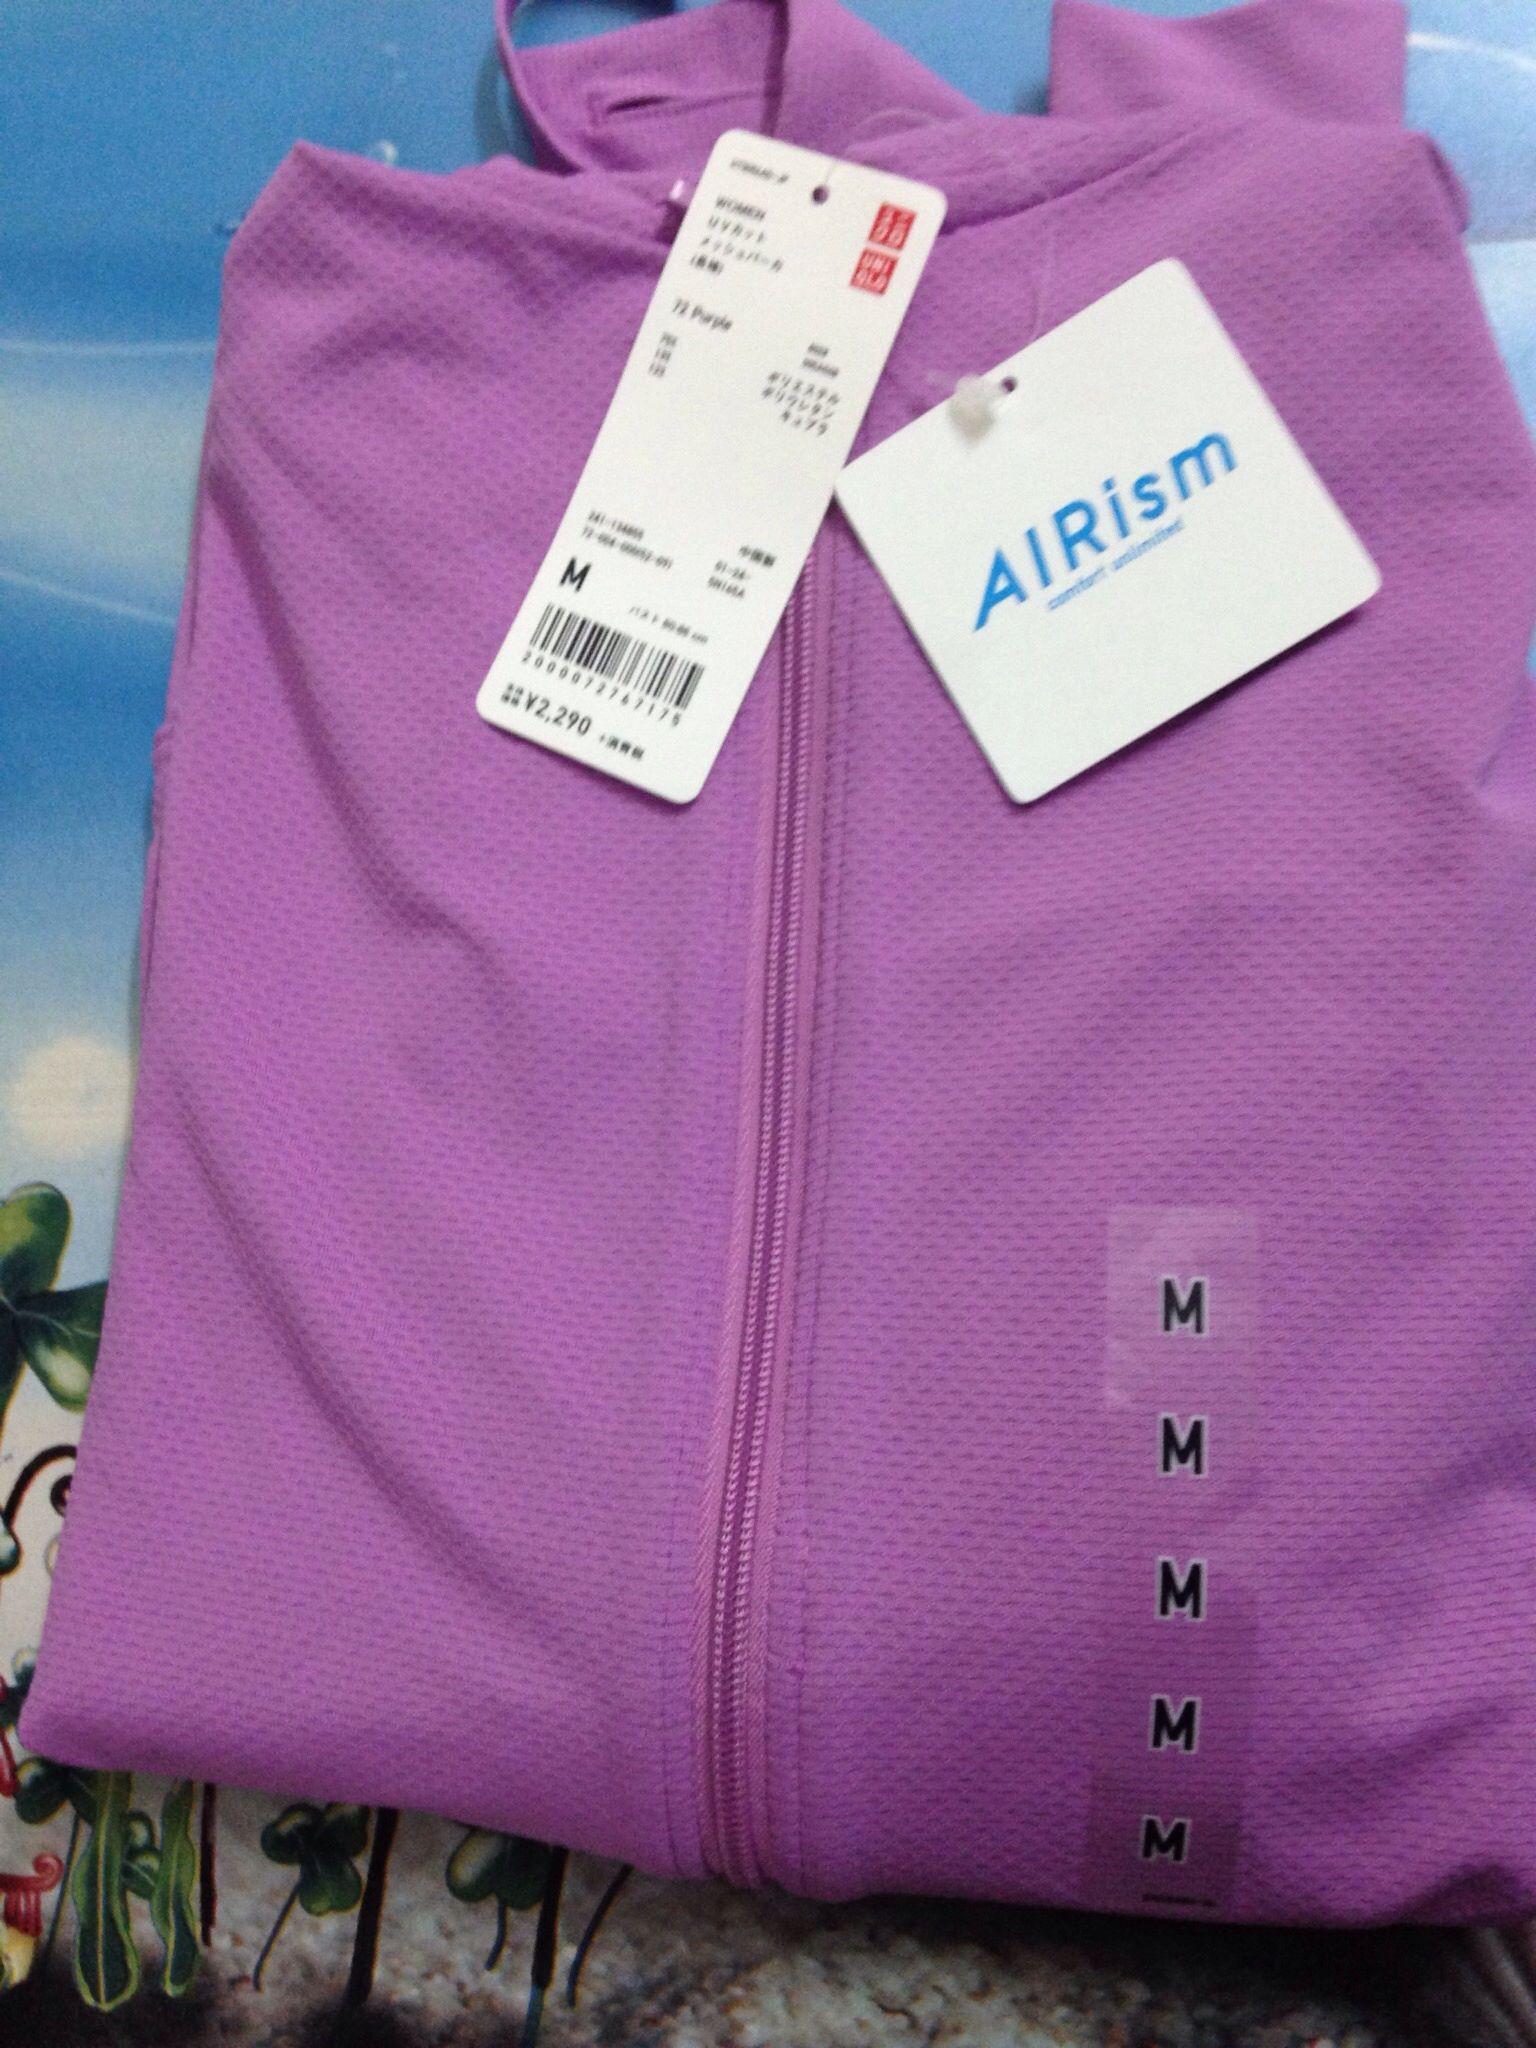 Áo làm mát Uniqlo Airism mẫu 2015 màu tím hoa cà